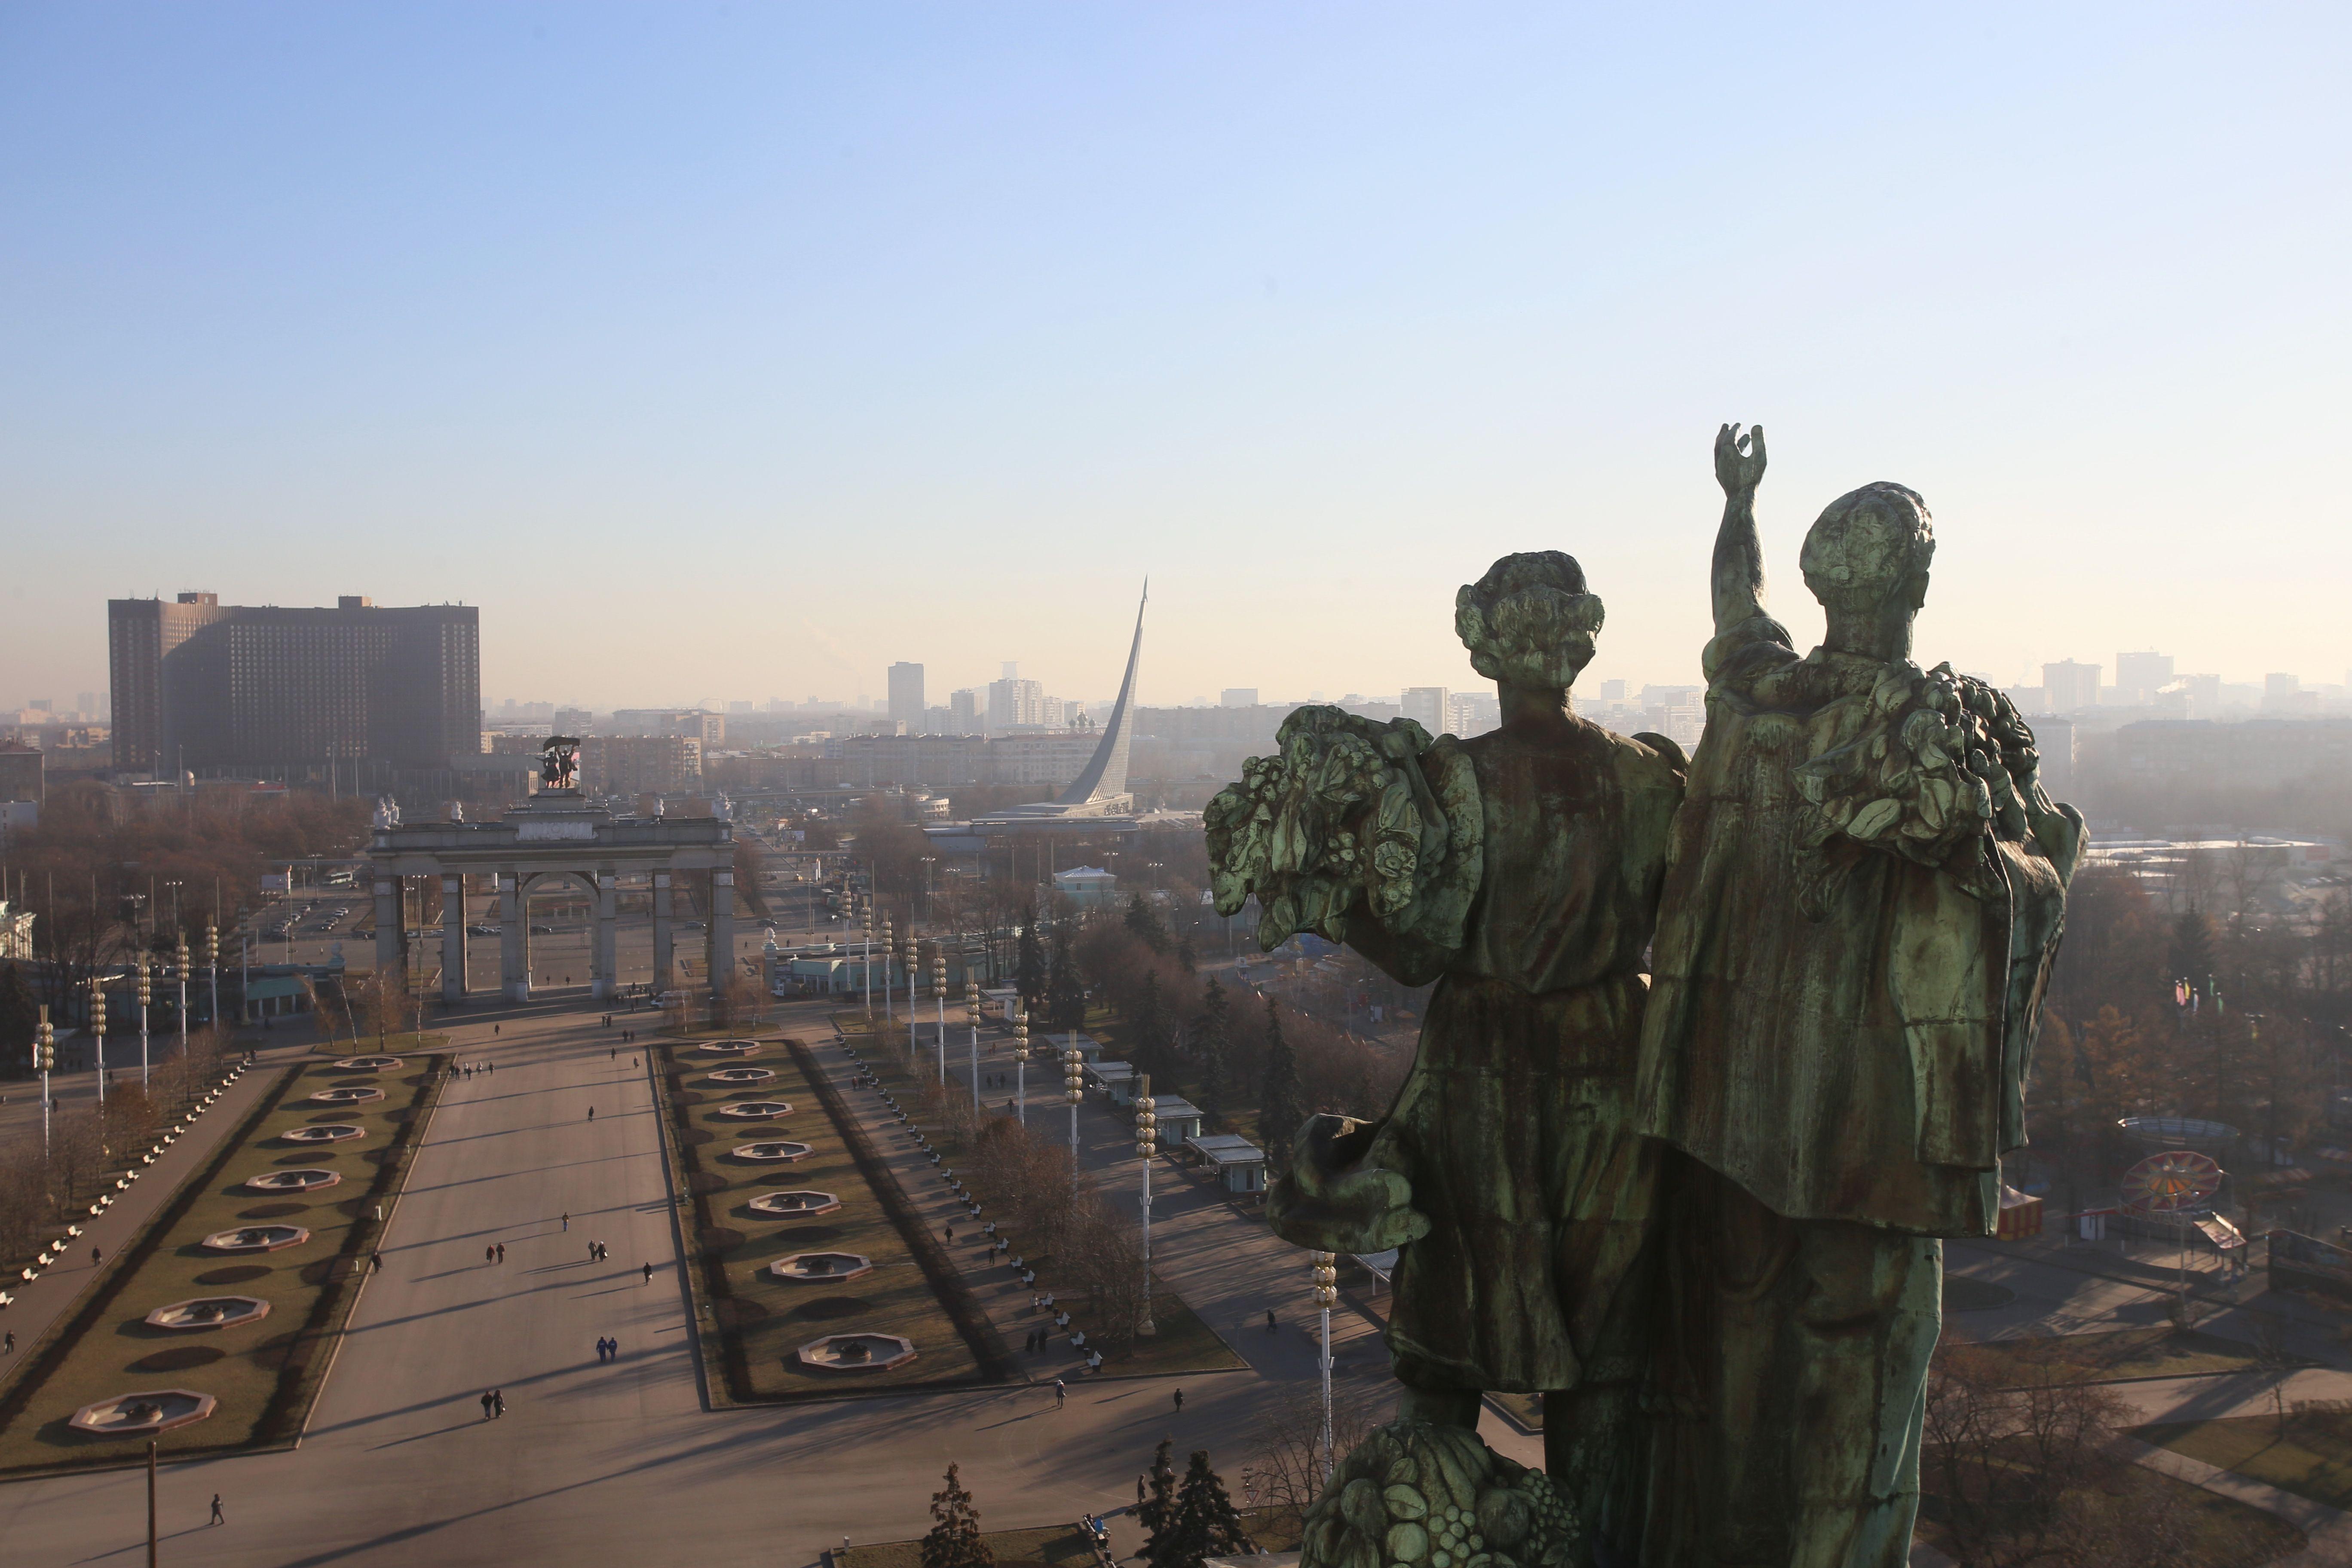 Главная выставка страны пригласила на онлайн-экскурсию по крышам павильонов